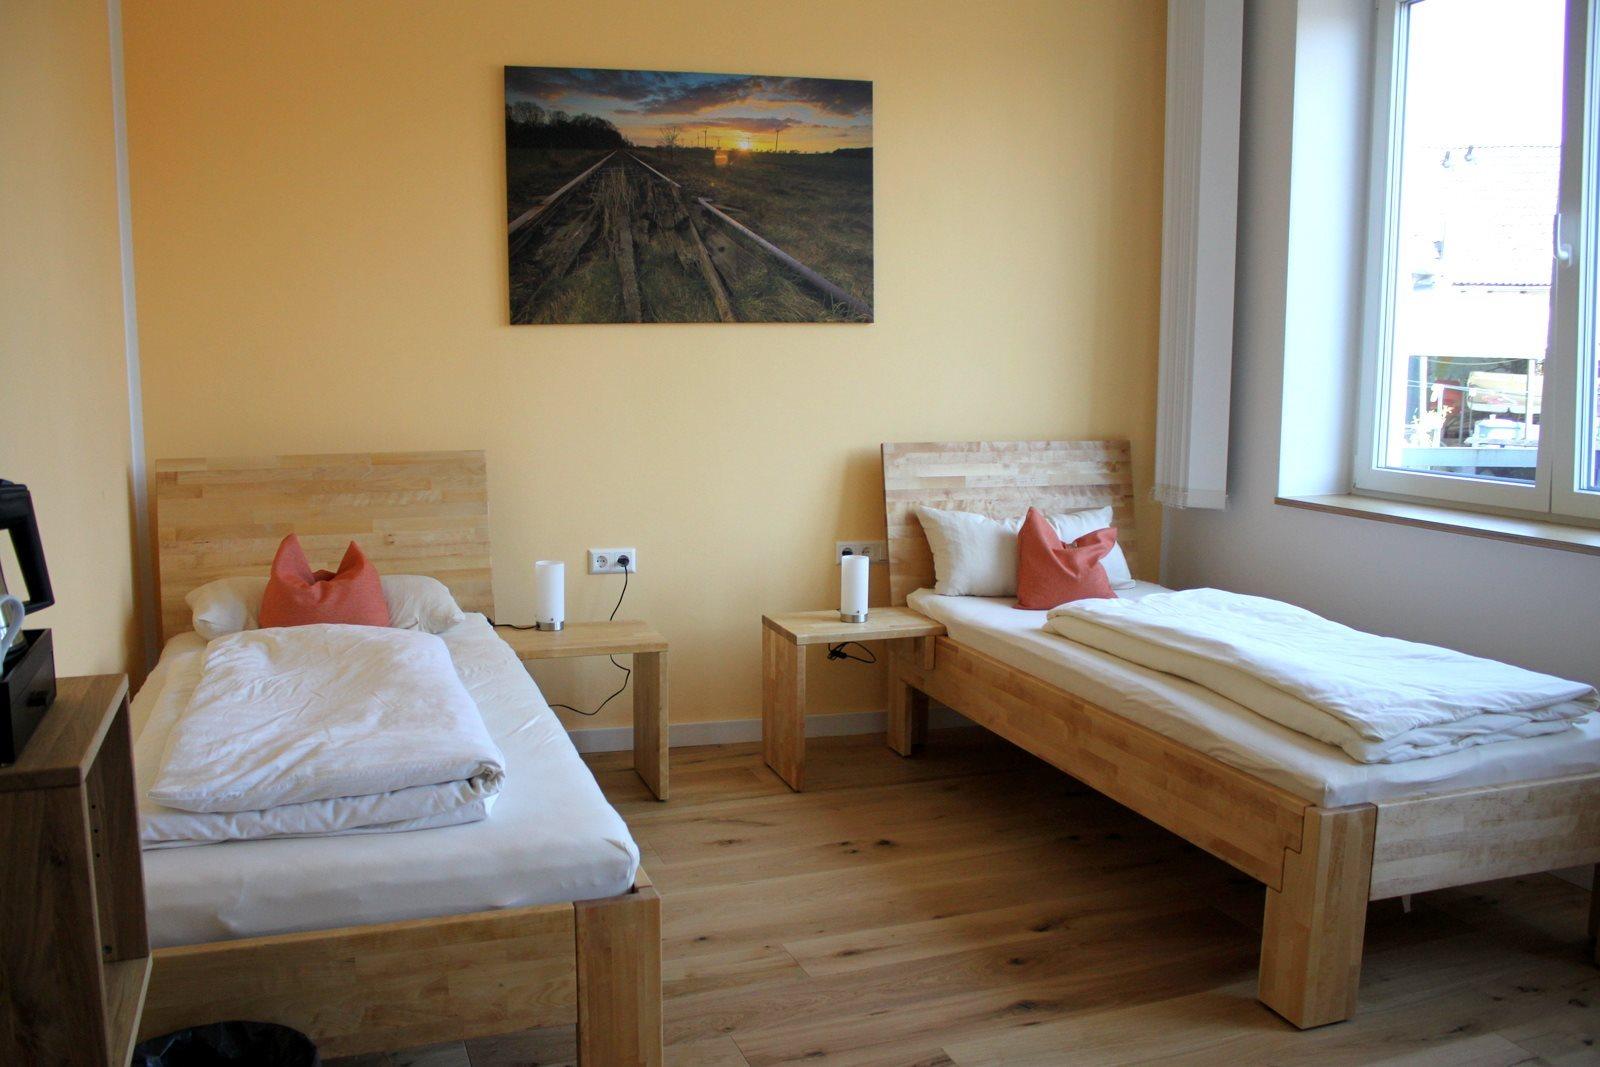 barrierefrei zugängliche Betten